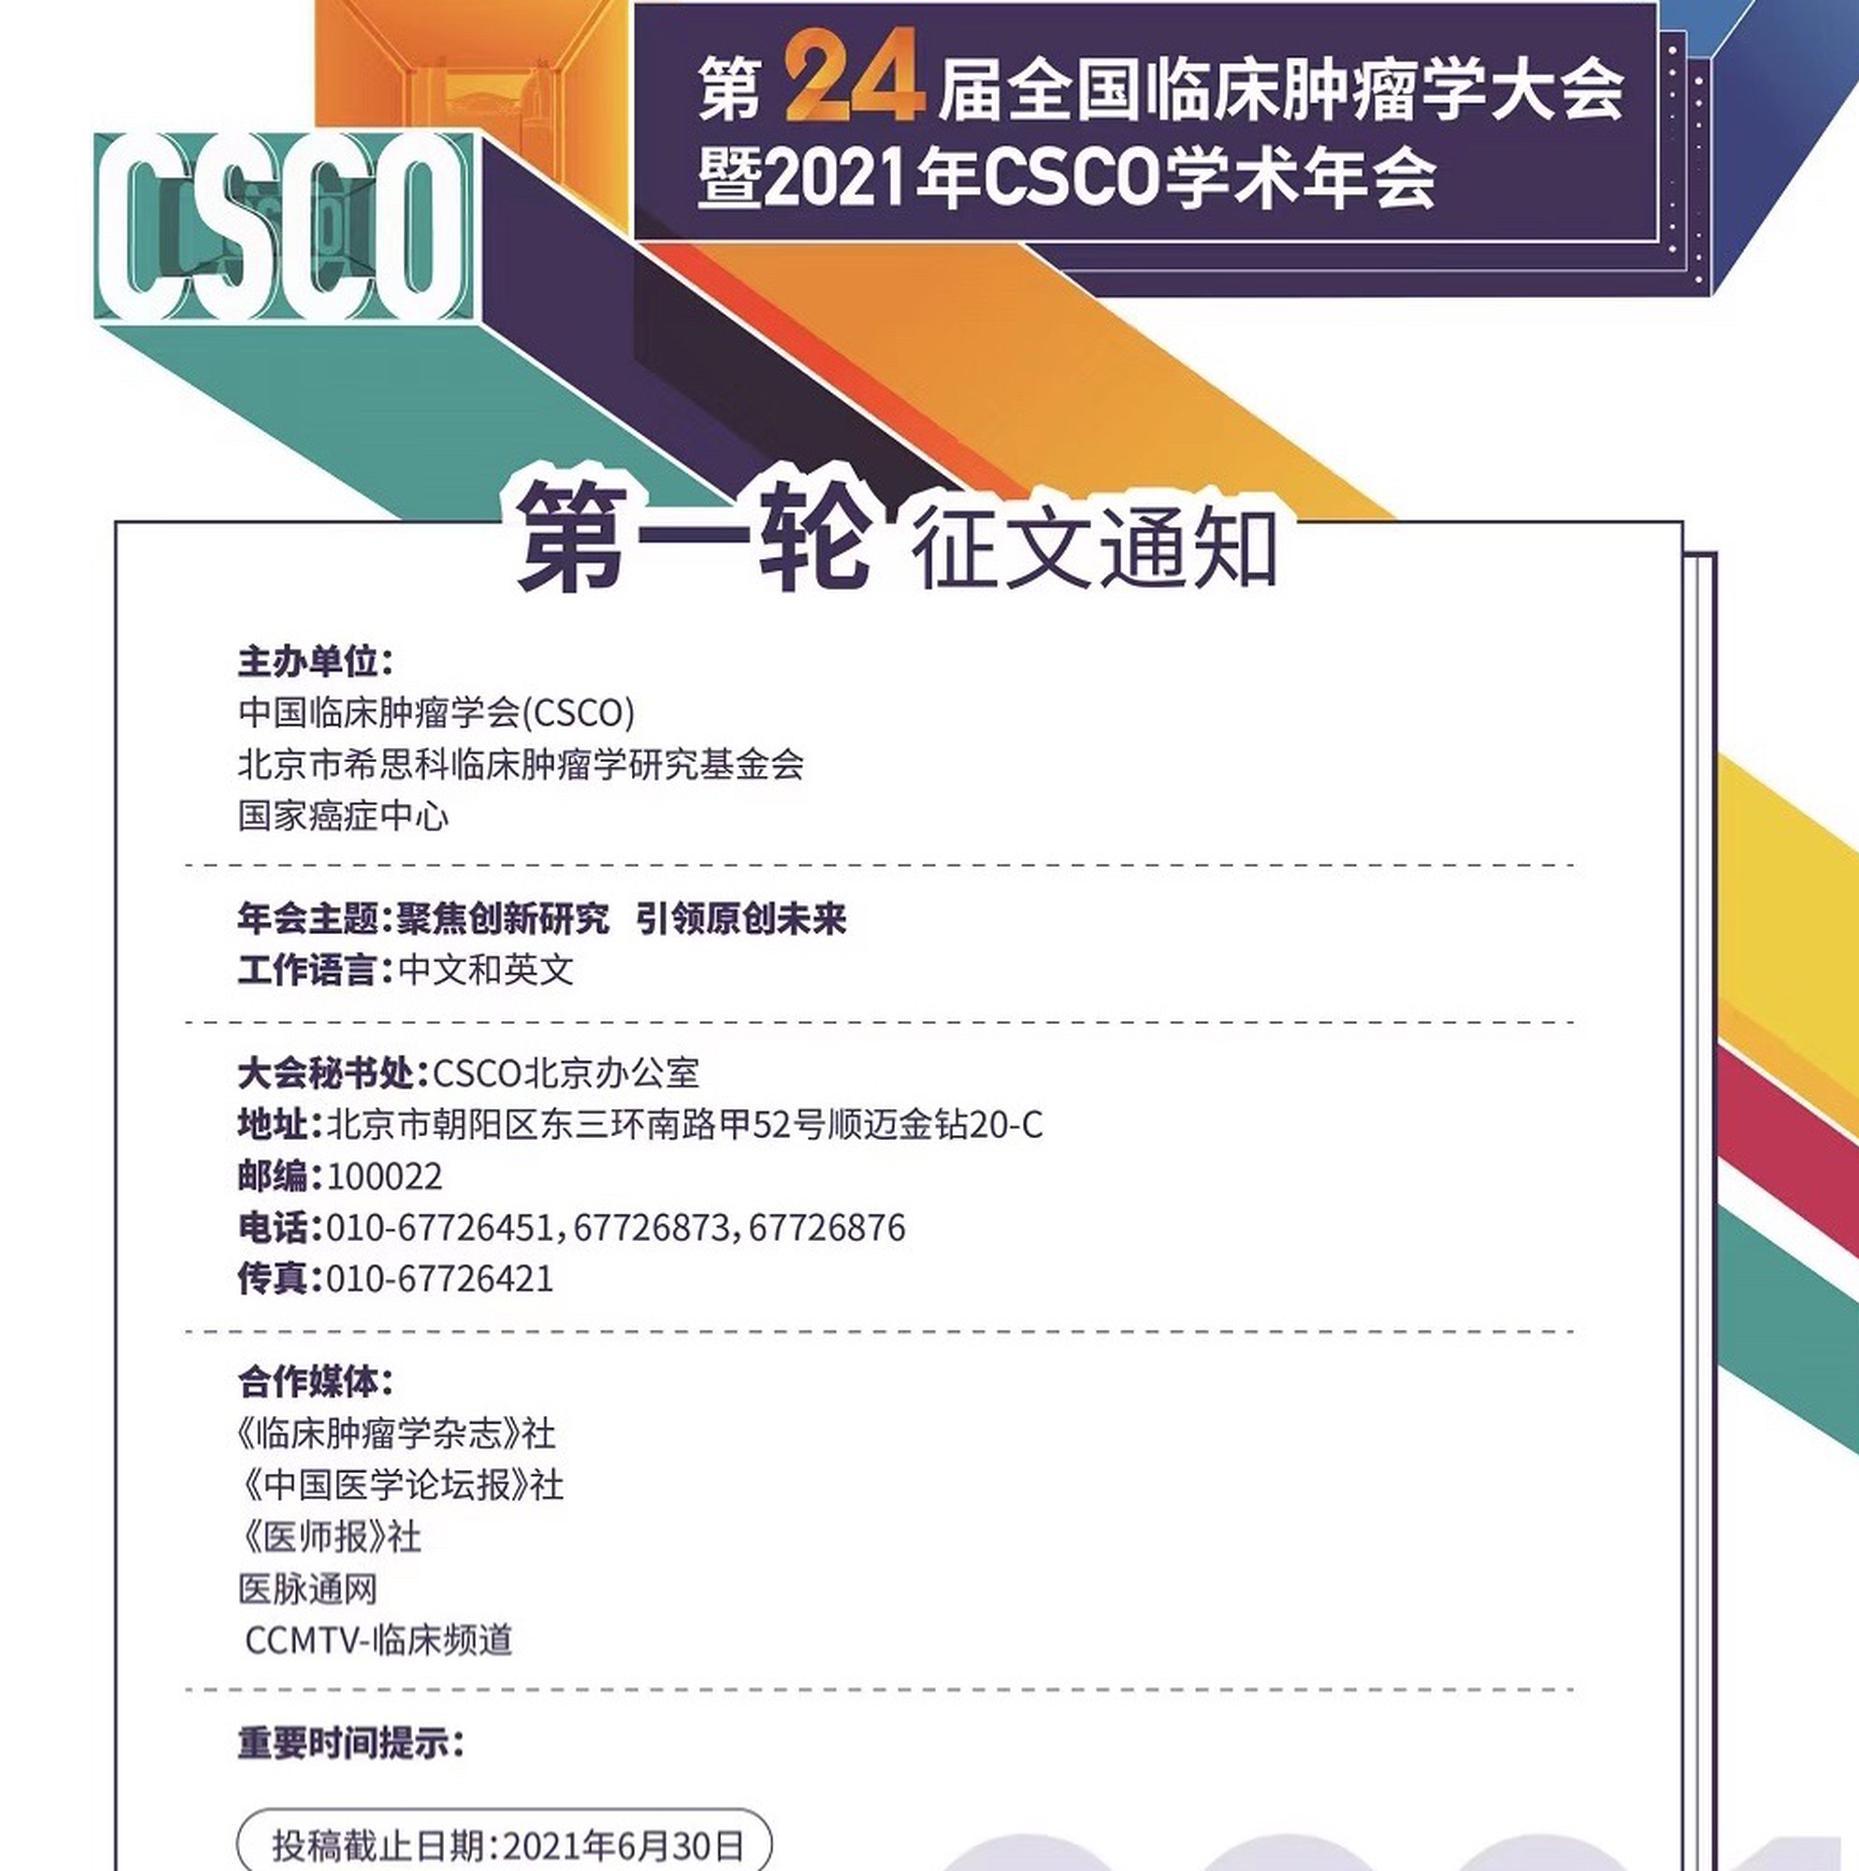 第24届全国临床肿瘤学大会暨2021年CSCO学术年会征文通知